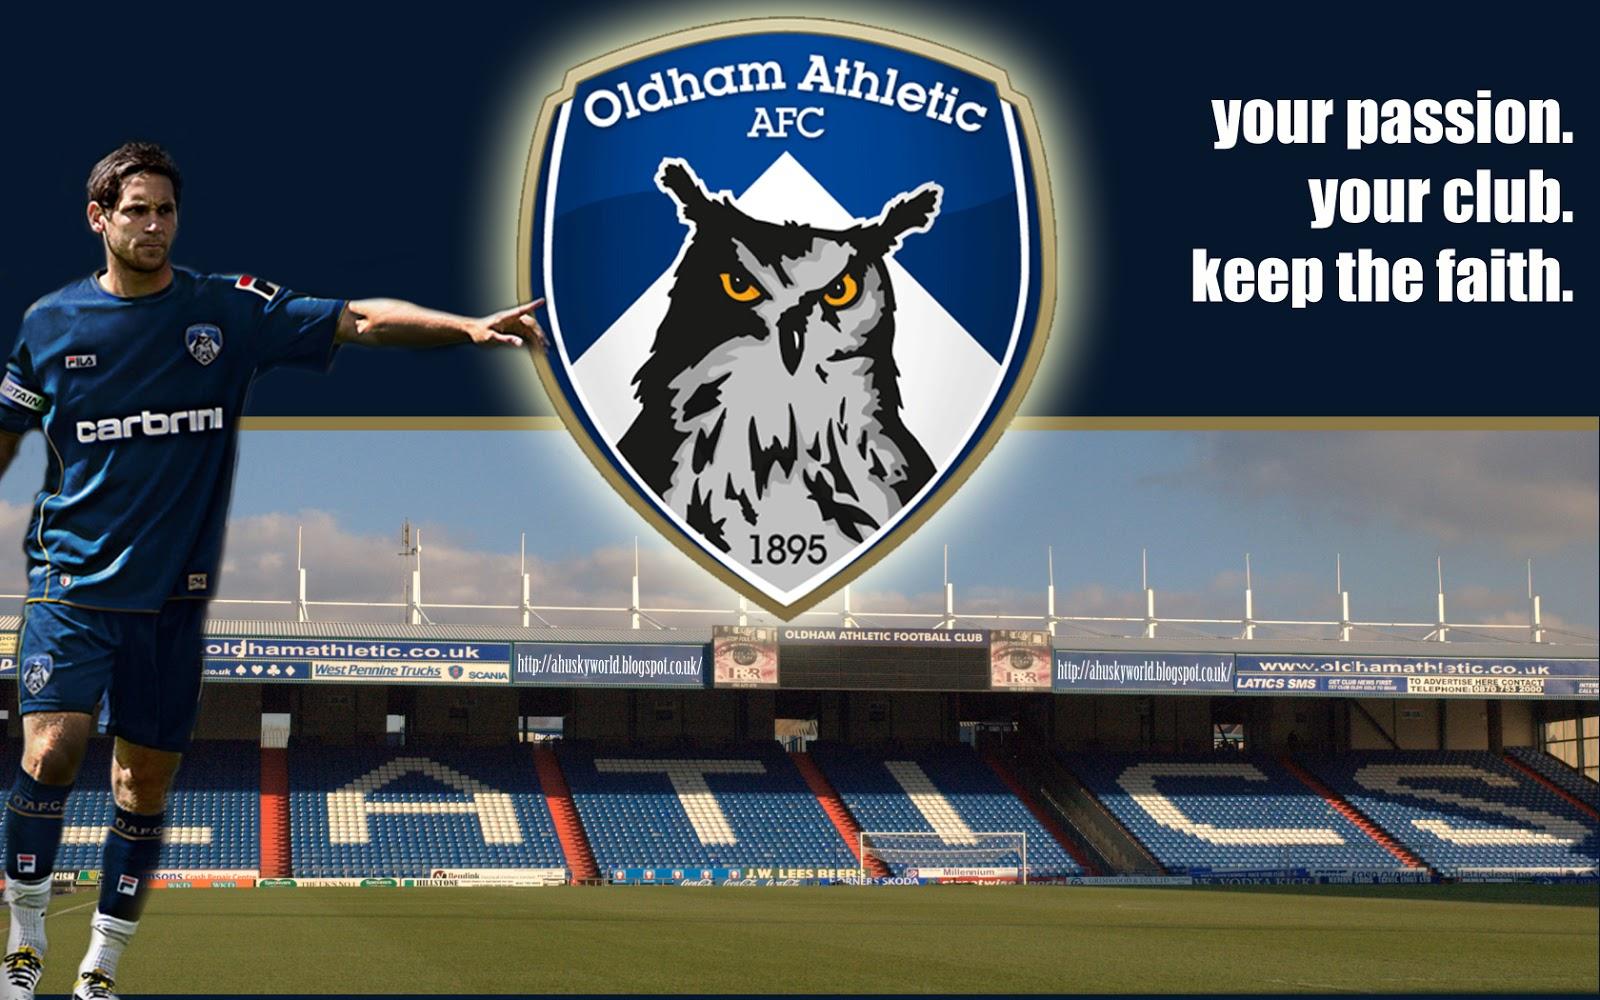 A Husky World: Oldham Athletic Desktop Wallpaper